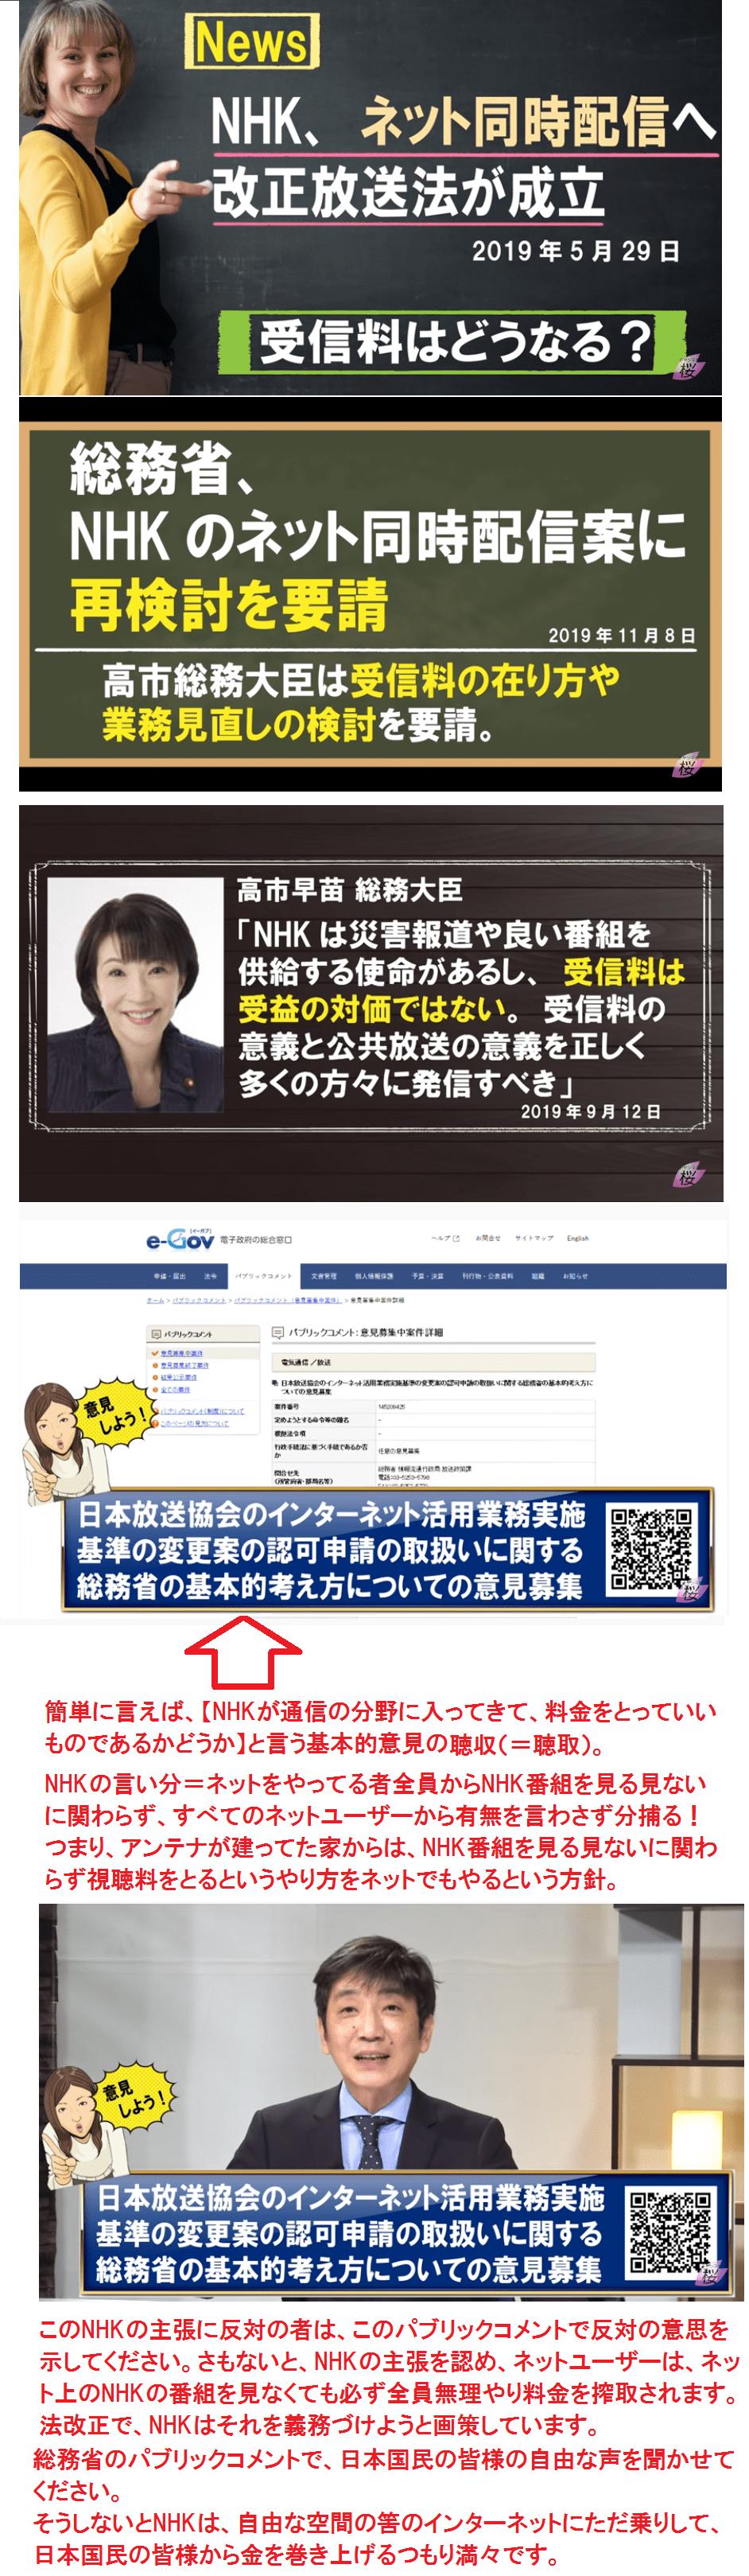 ネットユーザーから金を巻き上げようとするNHKにNOの声を